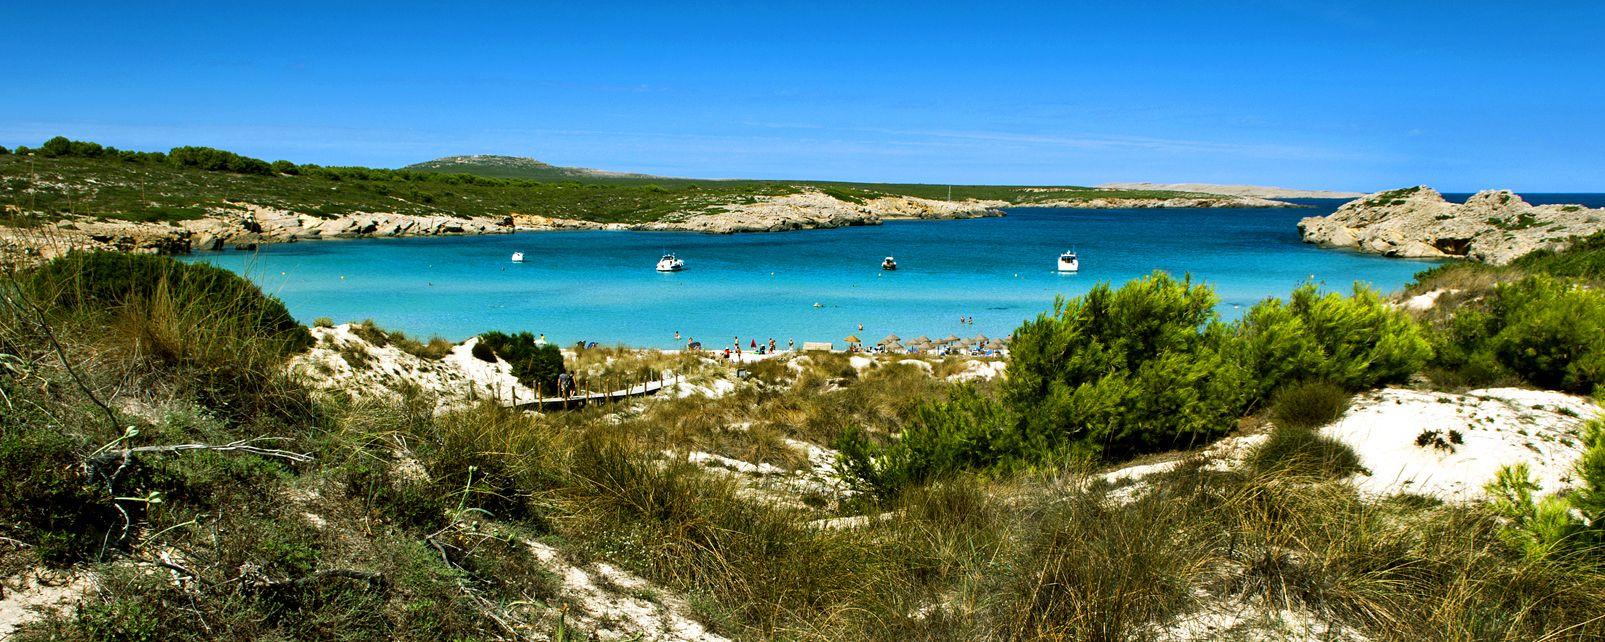 La costa noroeste , España